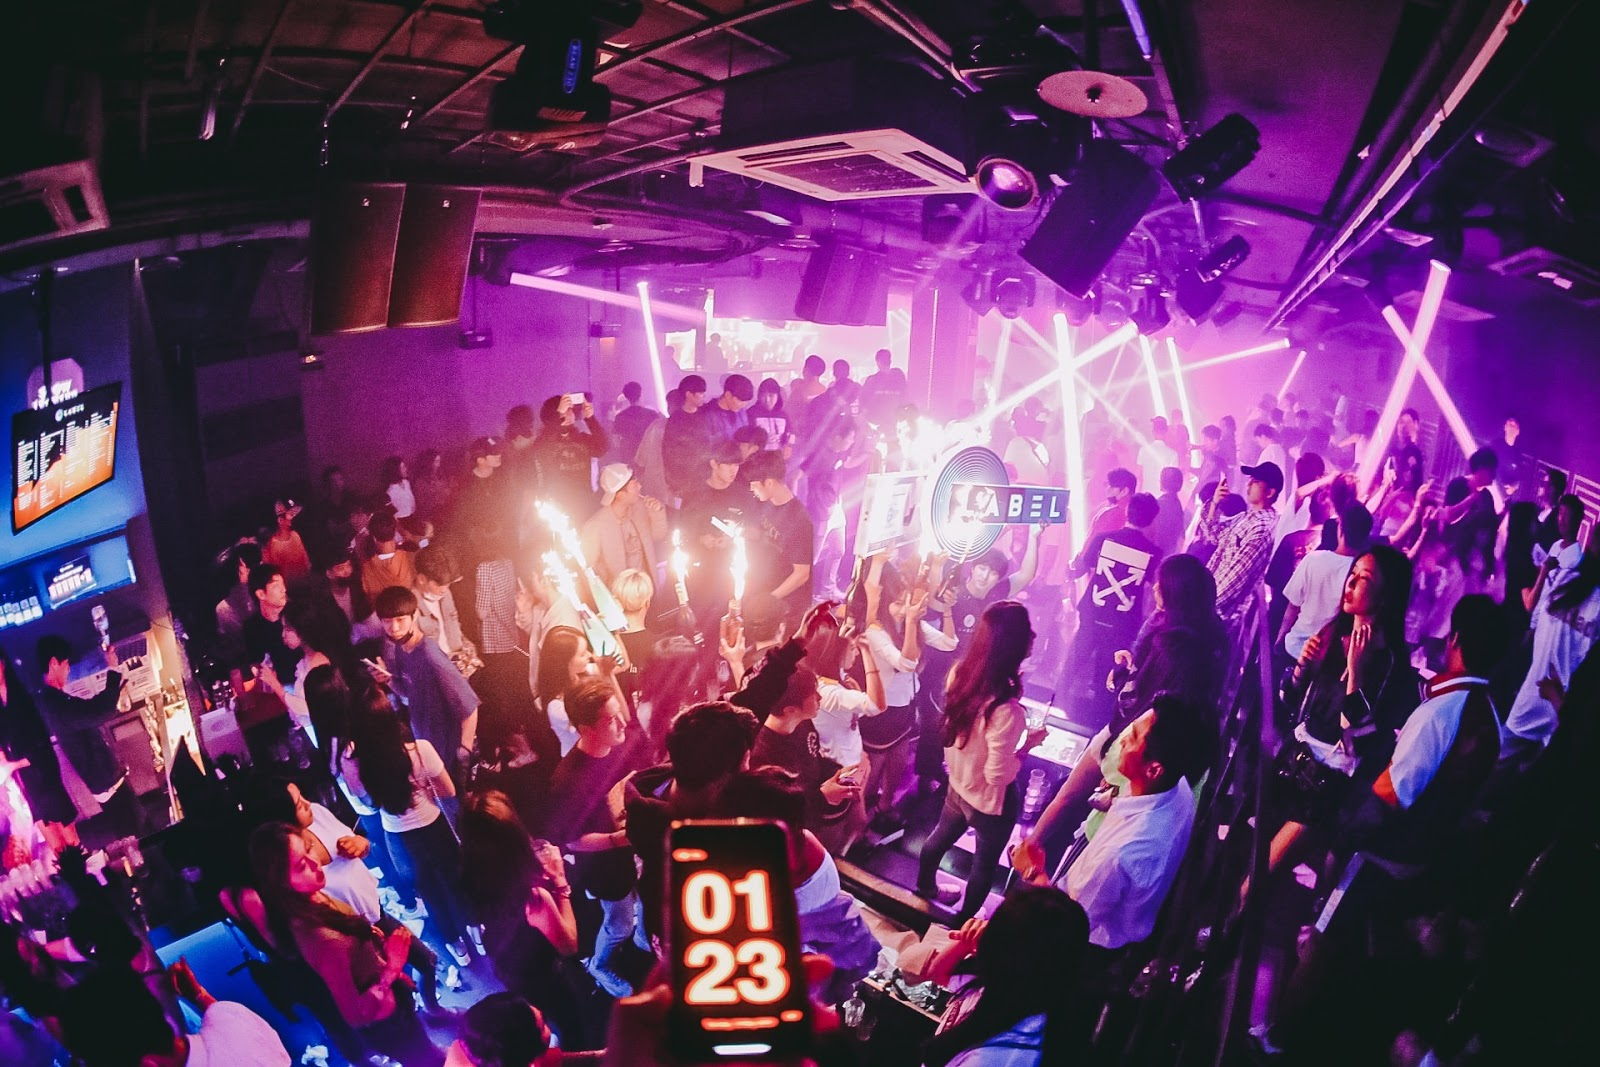 label gangnam club 1